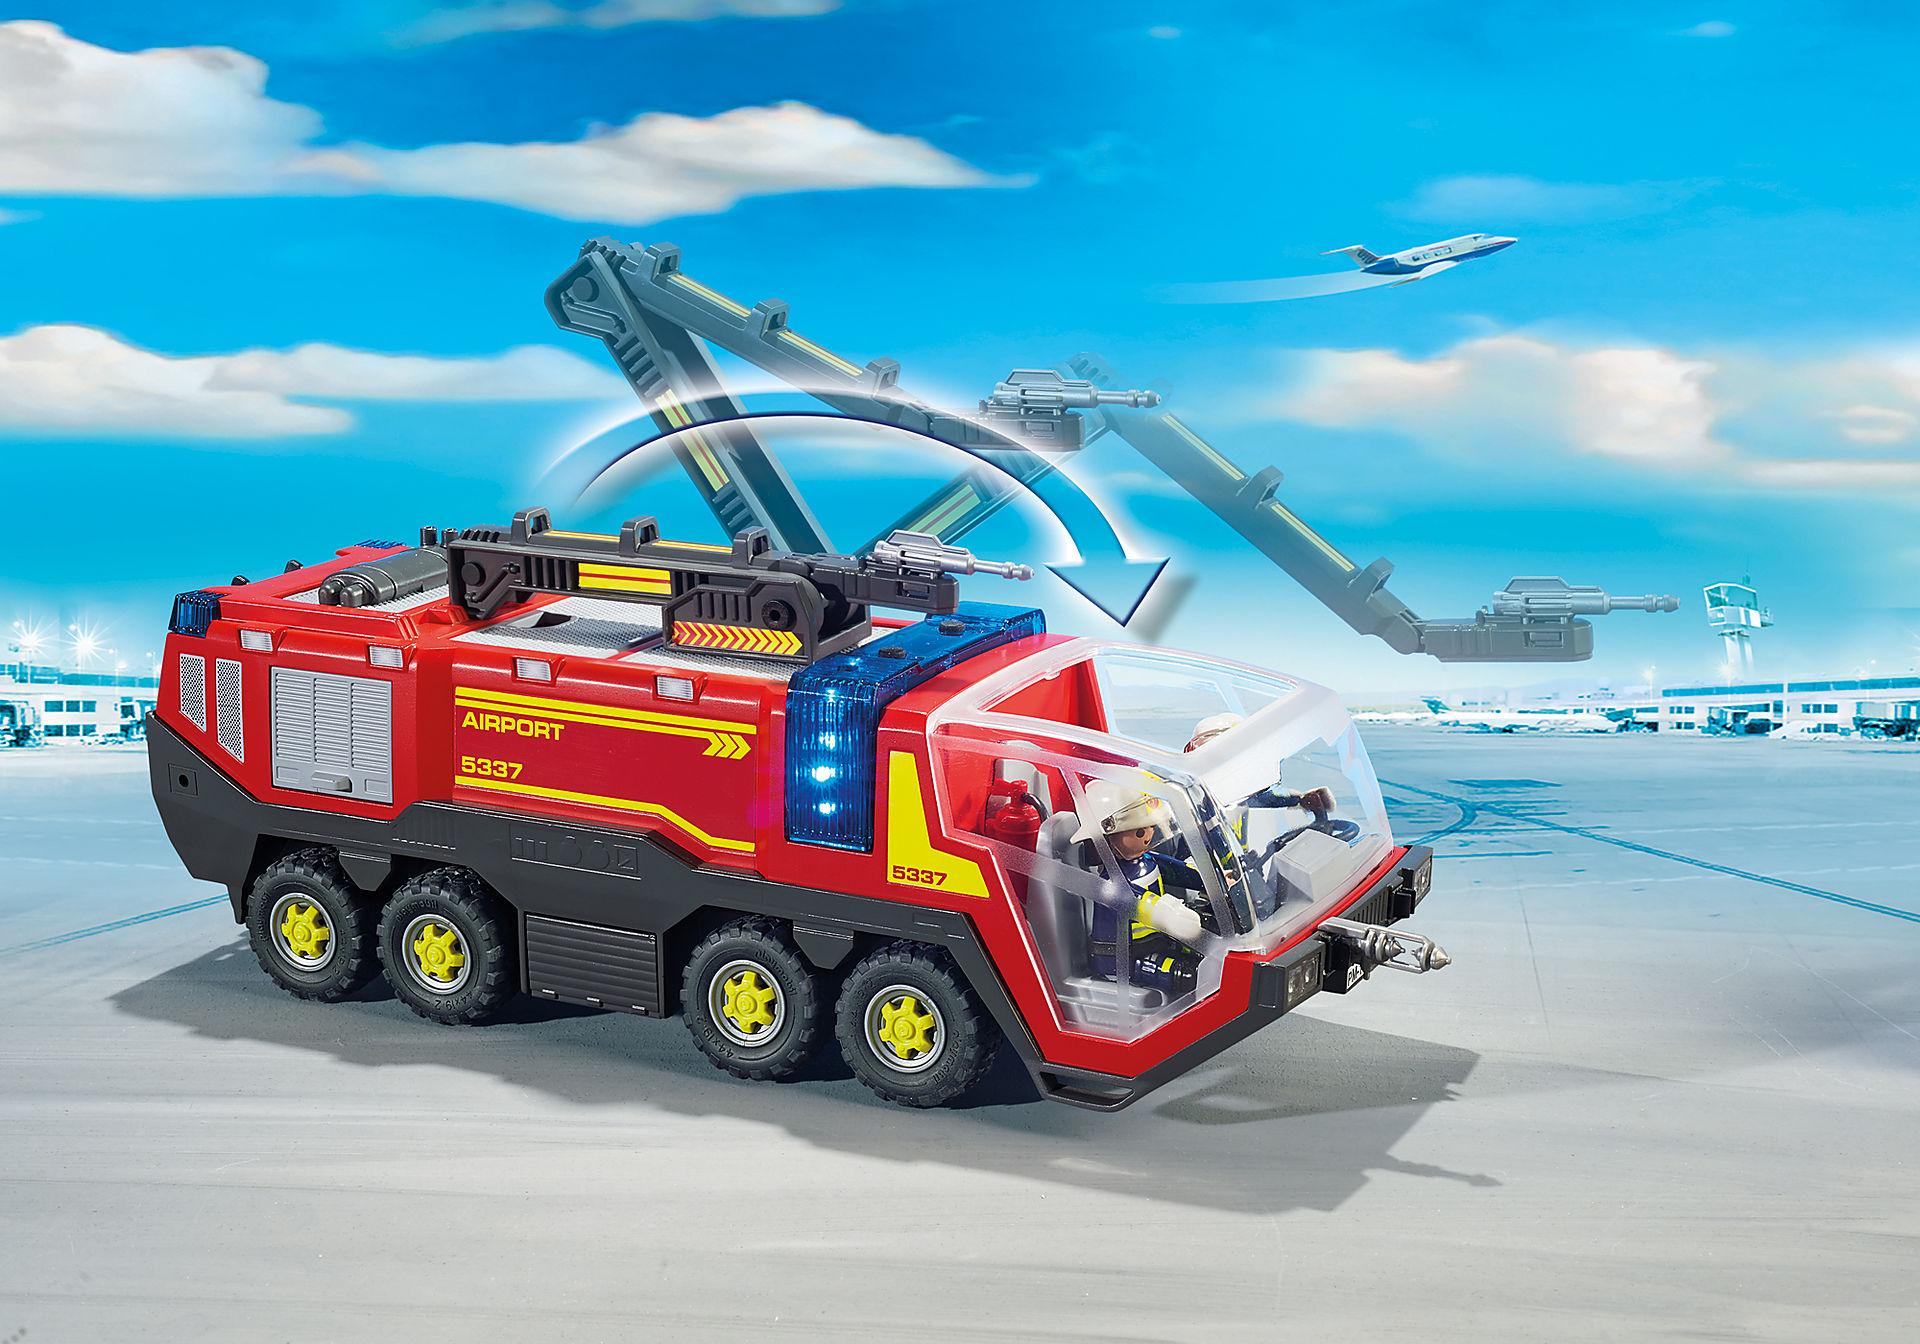 5337 Mezzo antincendio dell'aeroporto zoom image8